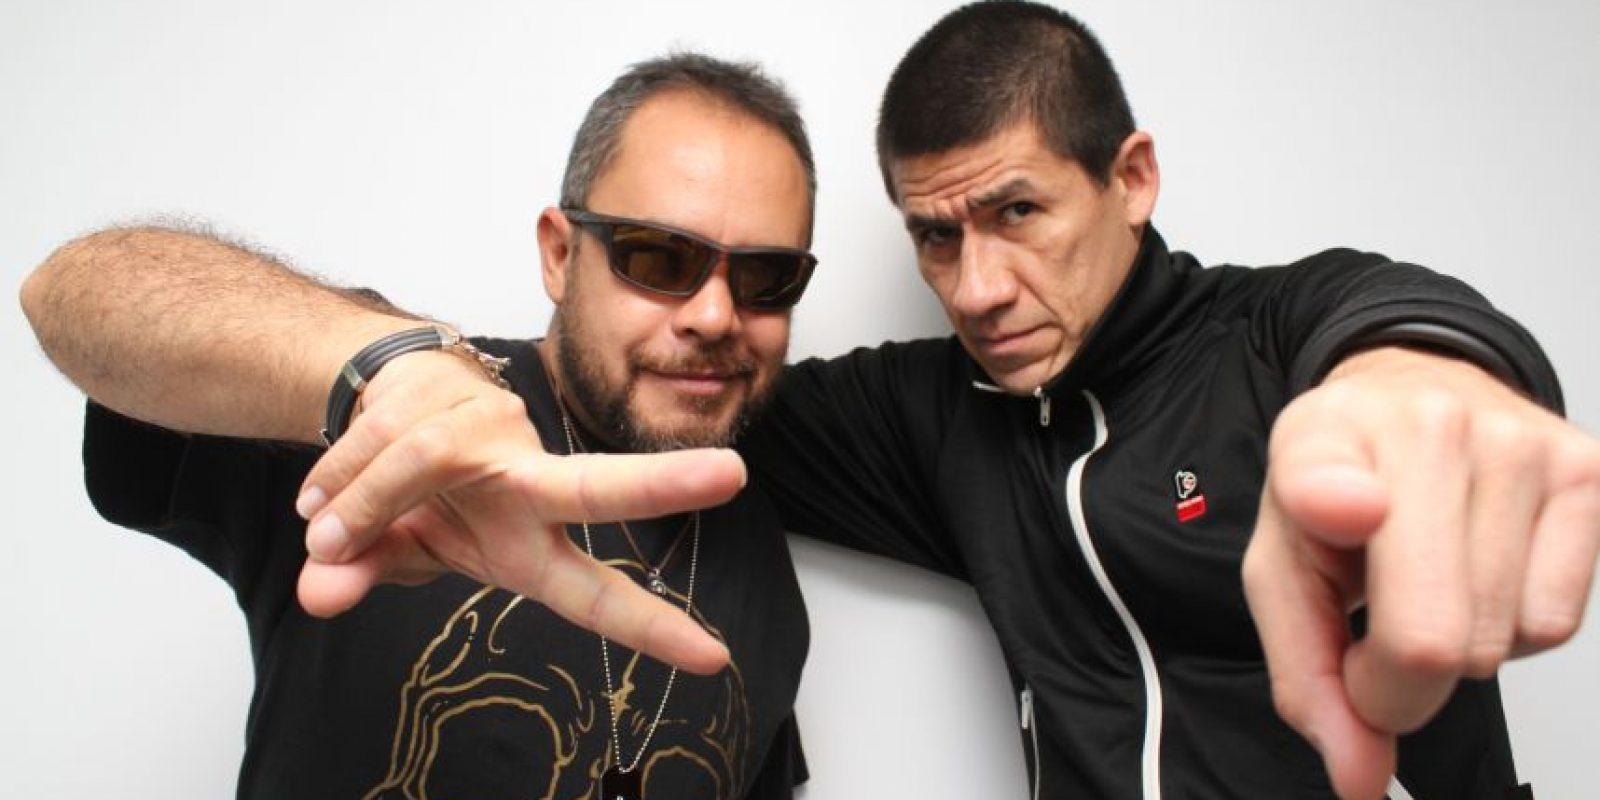 Foto:Nicolás Corte, Publimetro